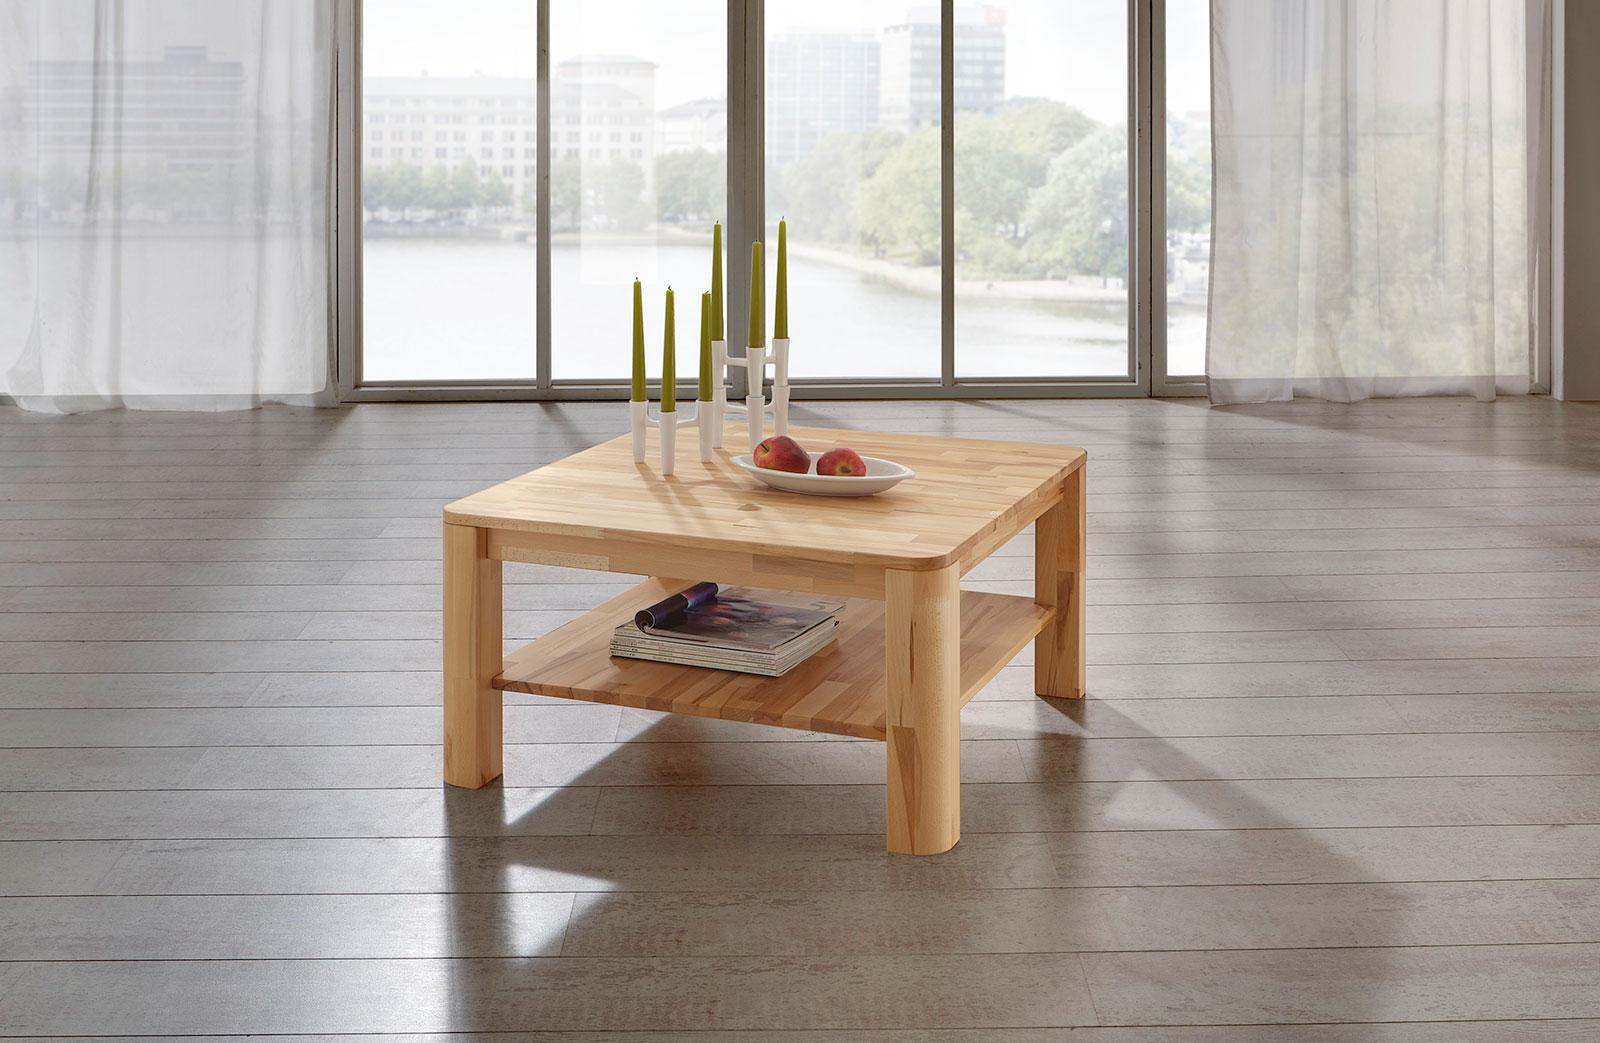 couchtisch ct300b dico m bel einer der f hrenden anbieter von betten. Black Bedroom Furniture Sets. Home Design Ideas